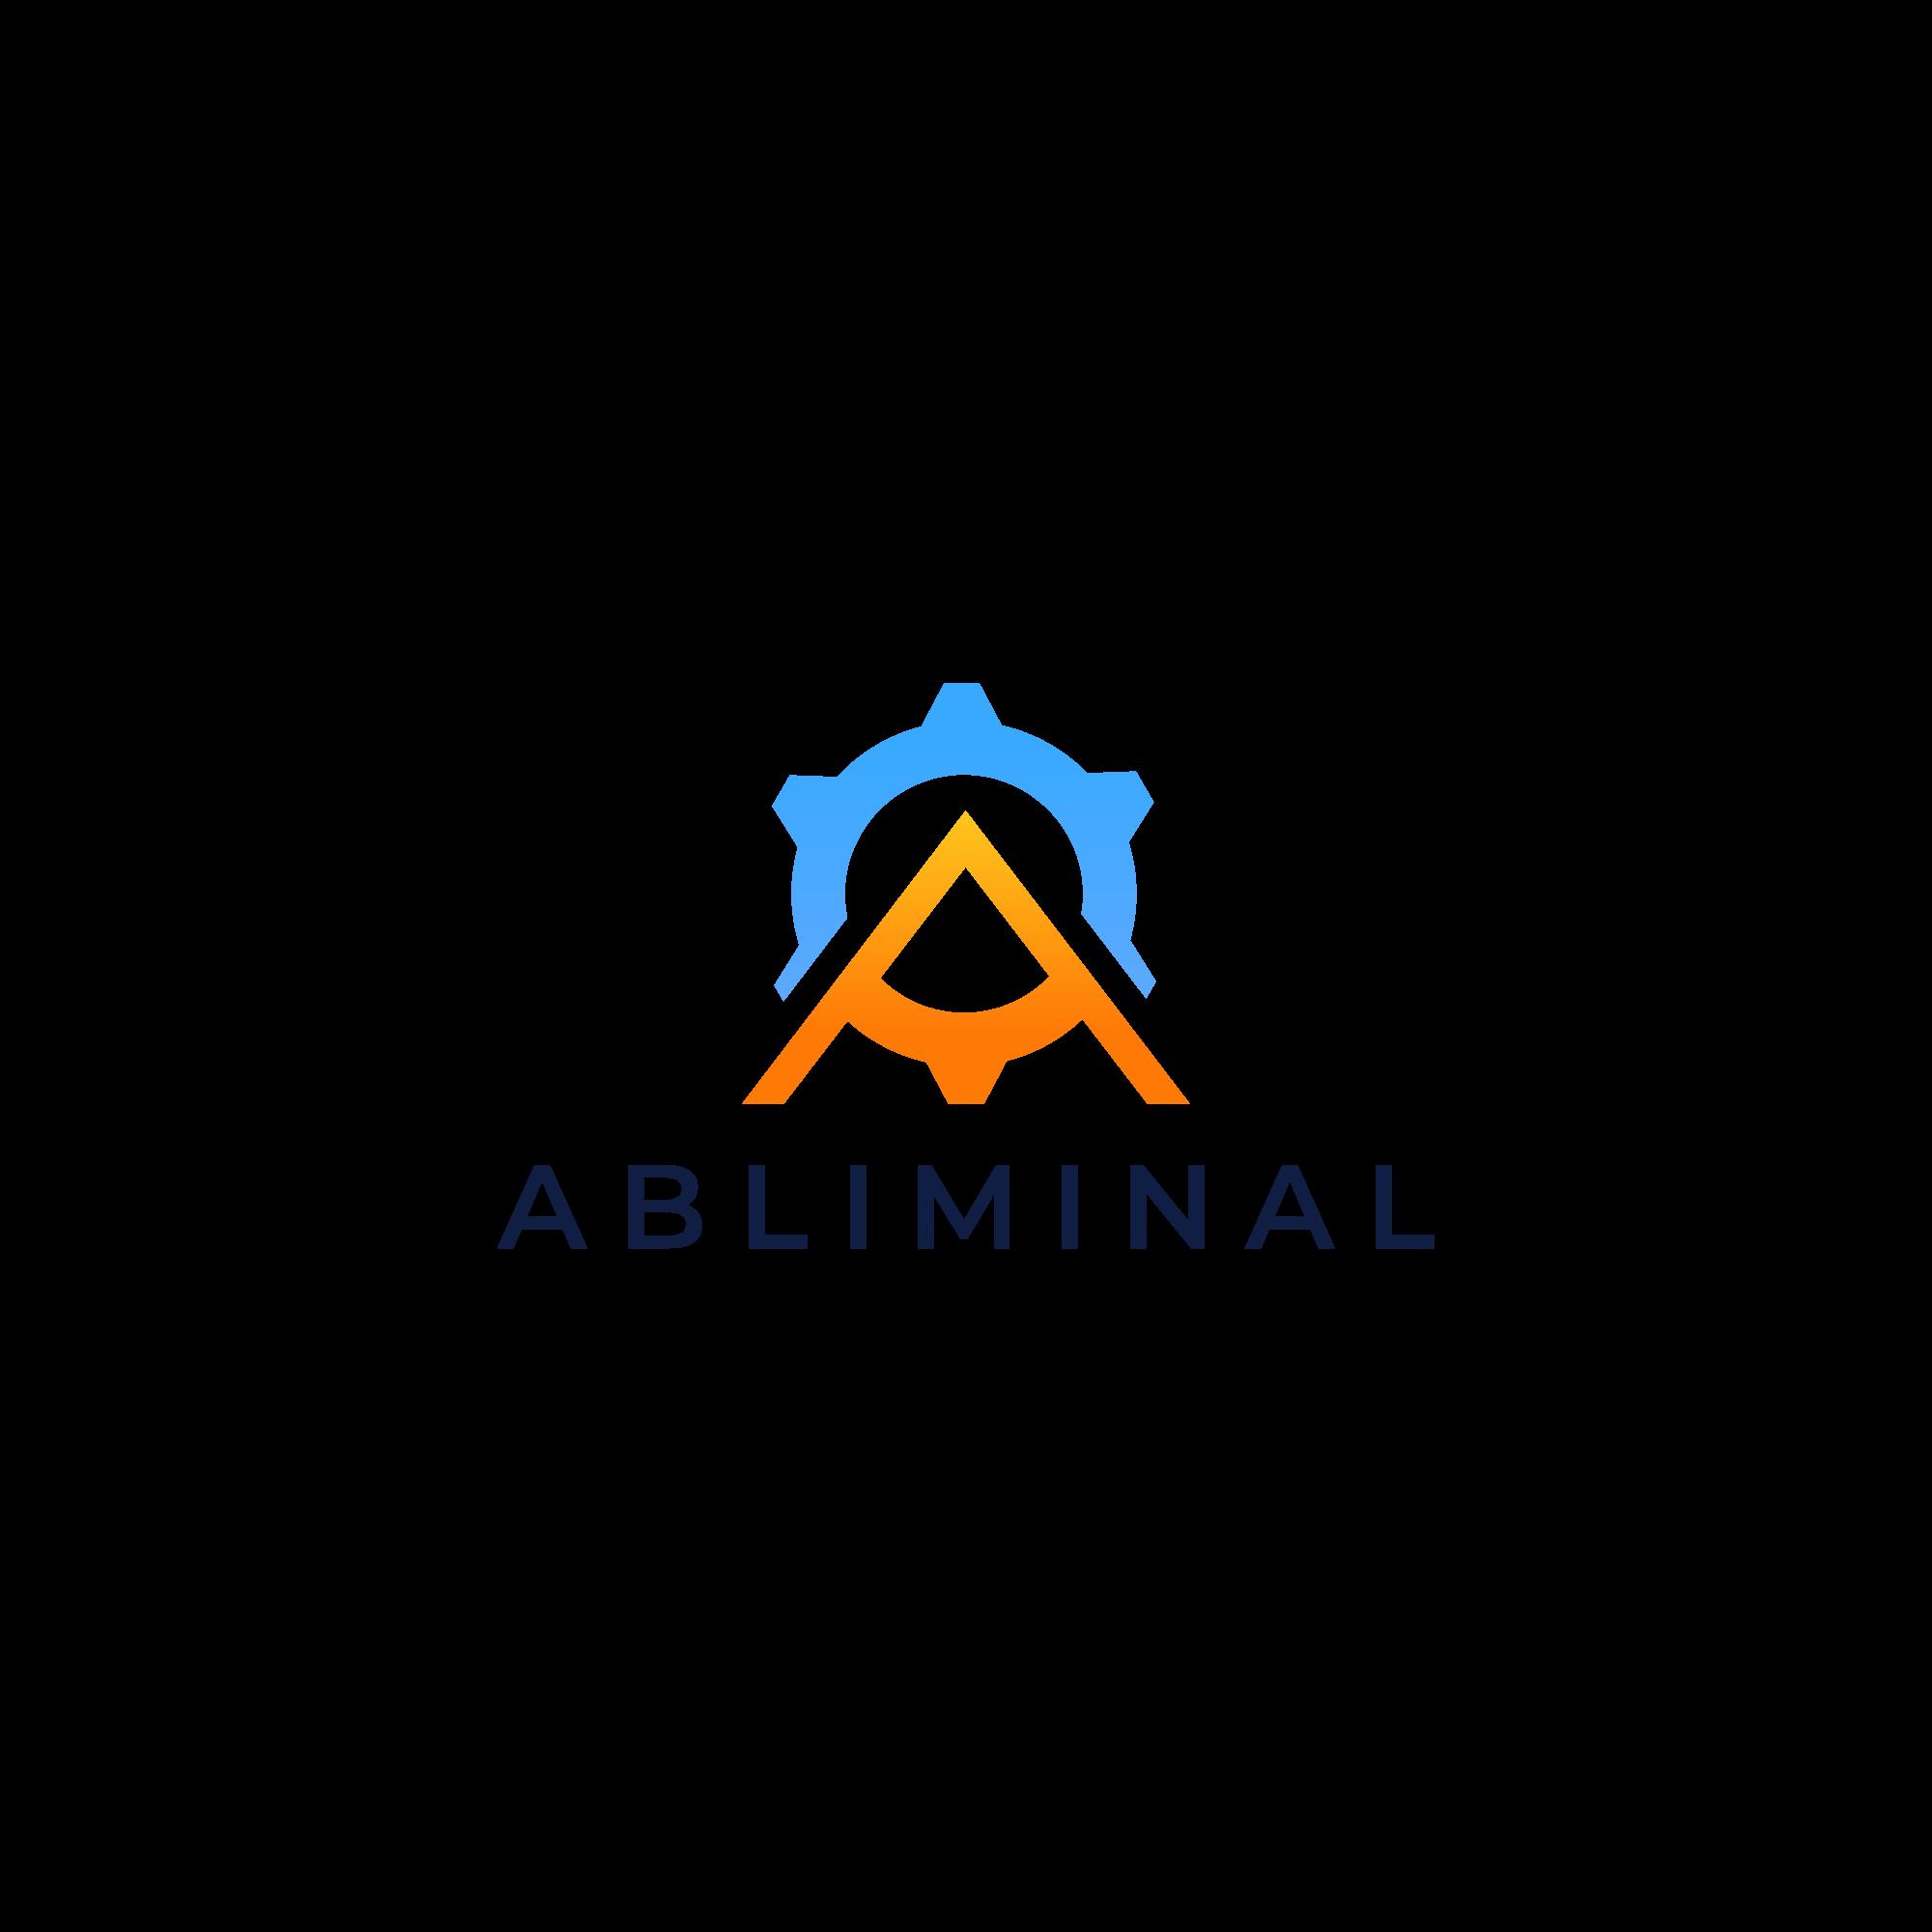 abliminal logo